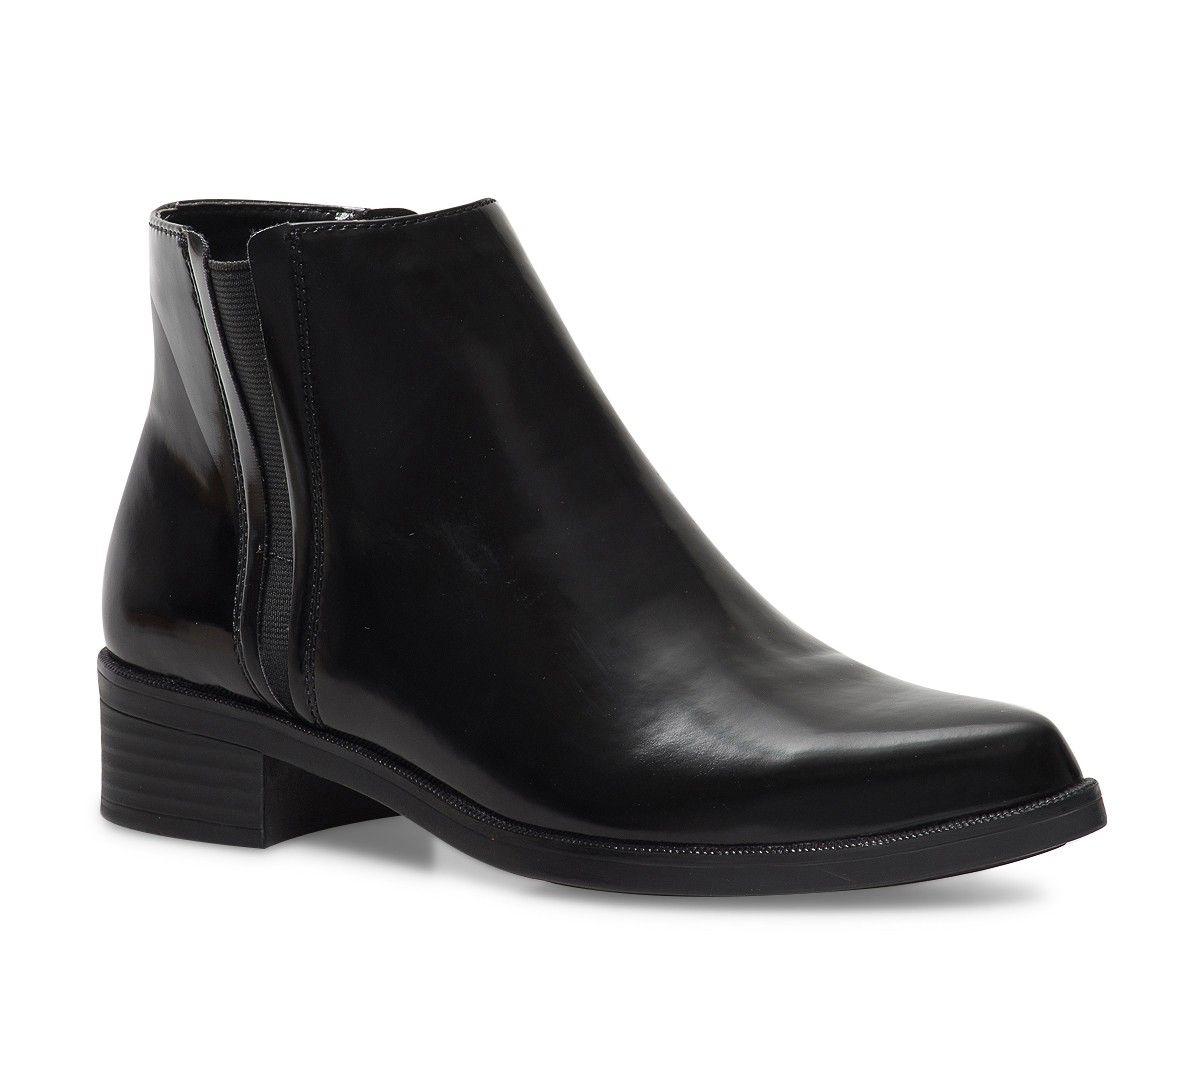 bottines plates noires | chaussures | pinterest | plates